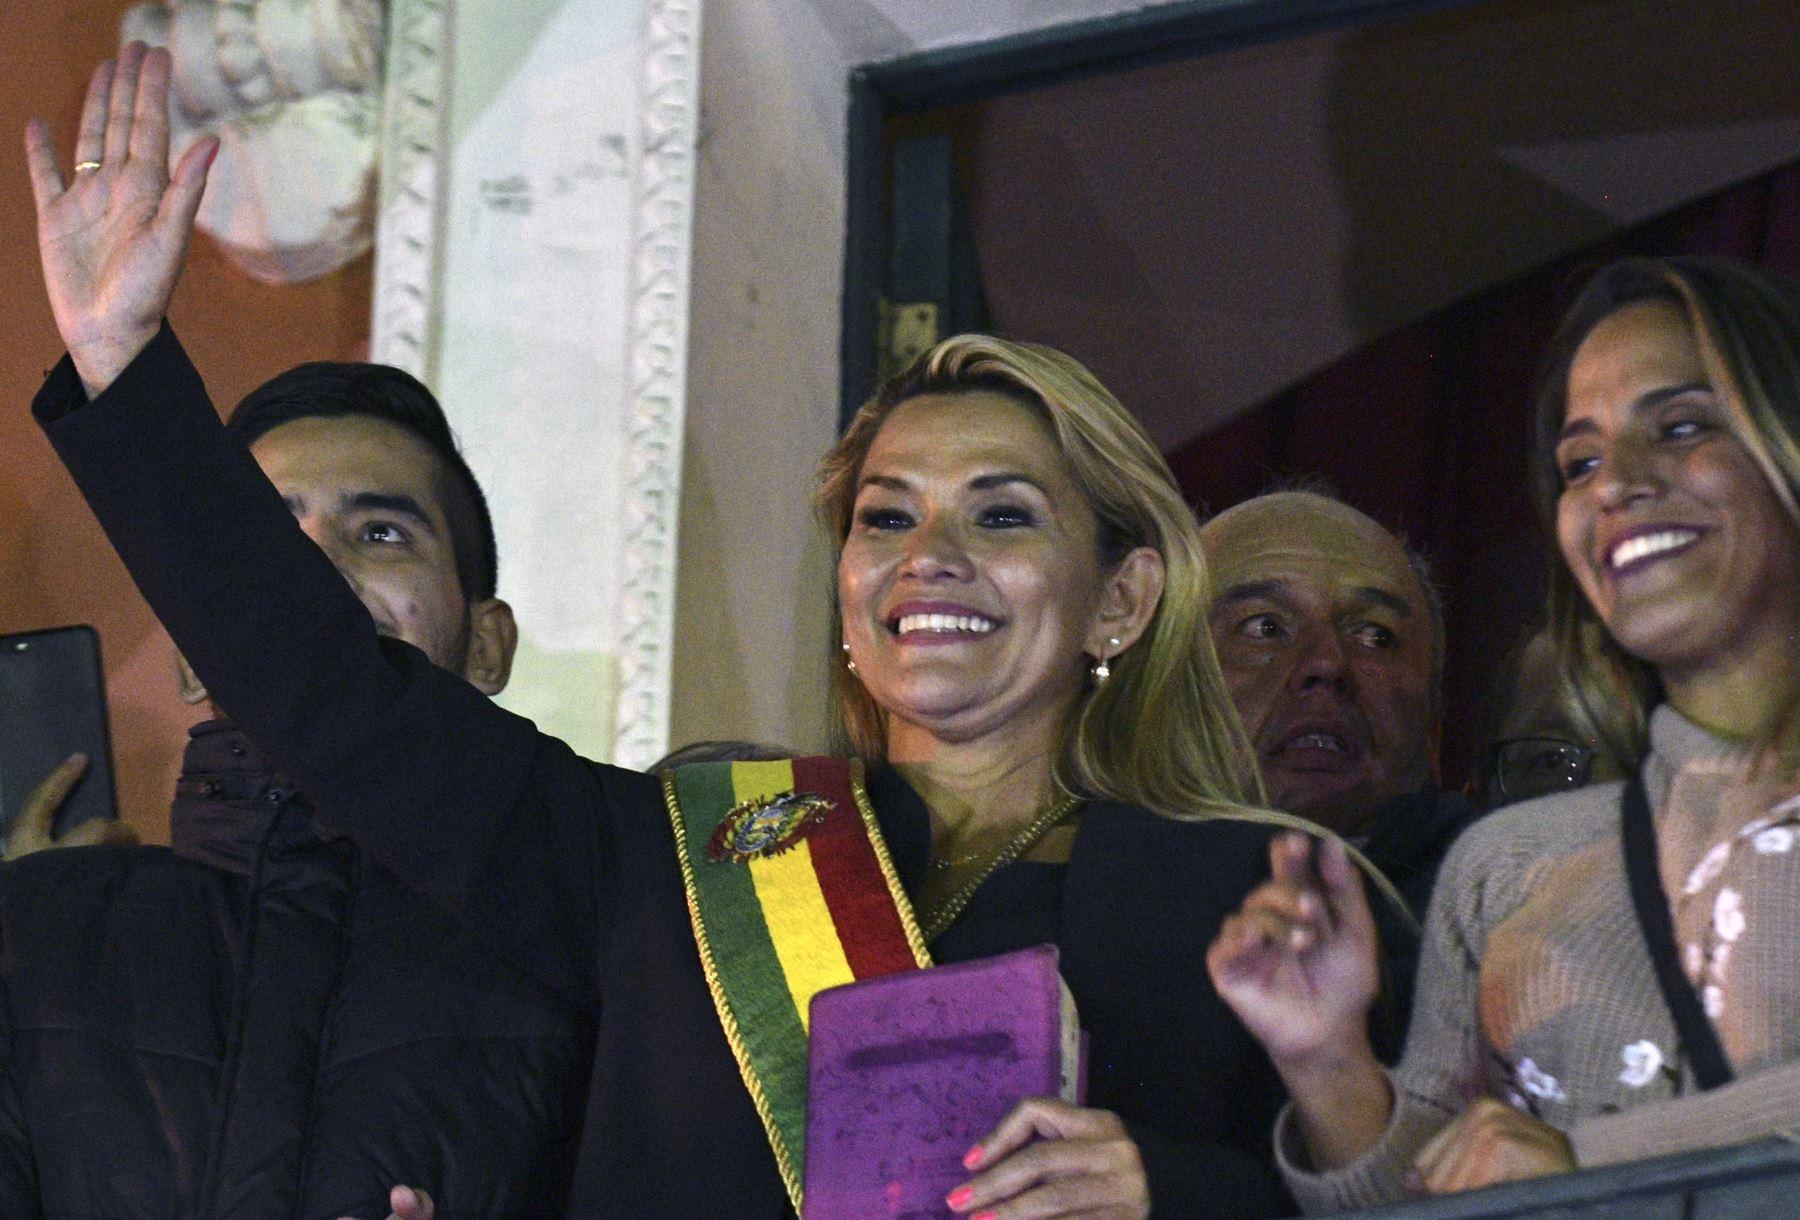 La vicepresidenta del Senado, Jeanine Anez, saluda desde el balcón del Palacio de Quemado en La Paz después de proclamarse como la nueva presidenta de Bolivia. Foto: AFP